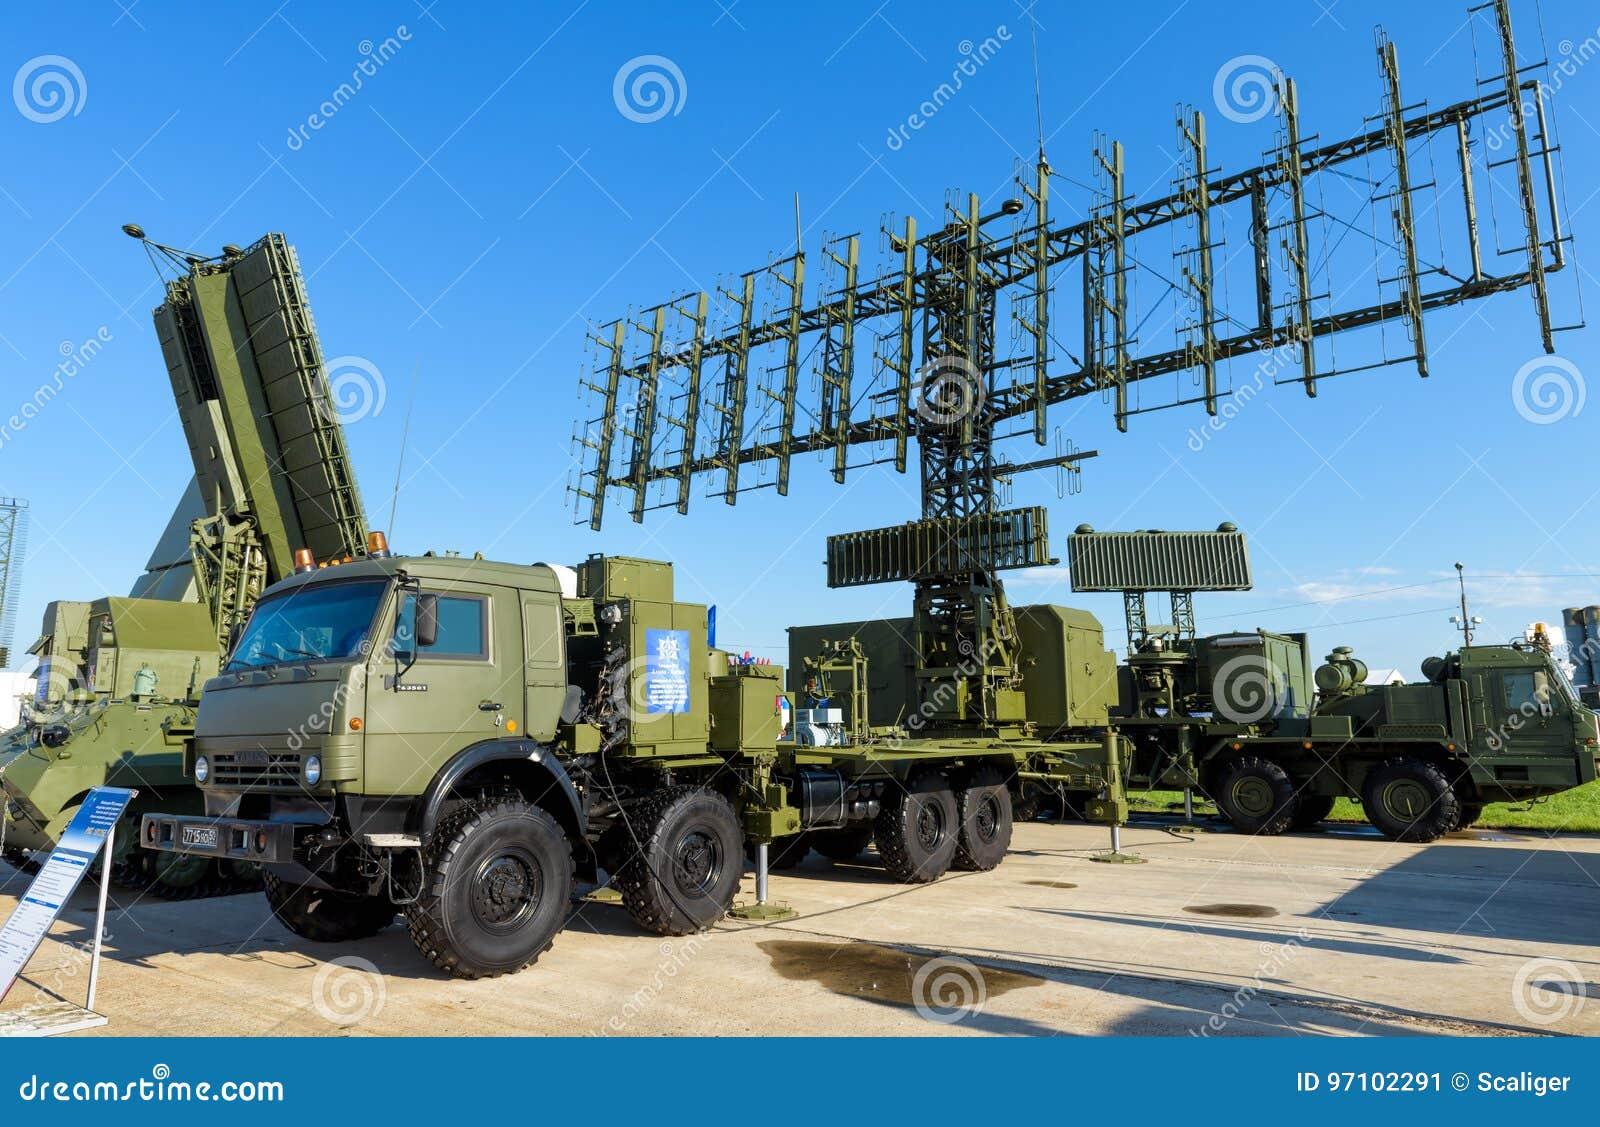 Russische Bewegliche Radarstationen An MAKS-2017 ...